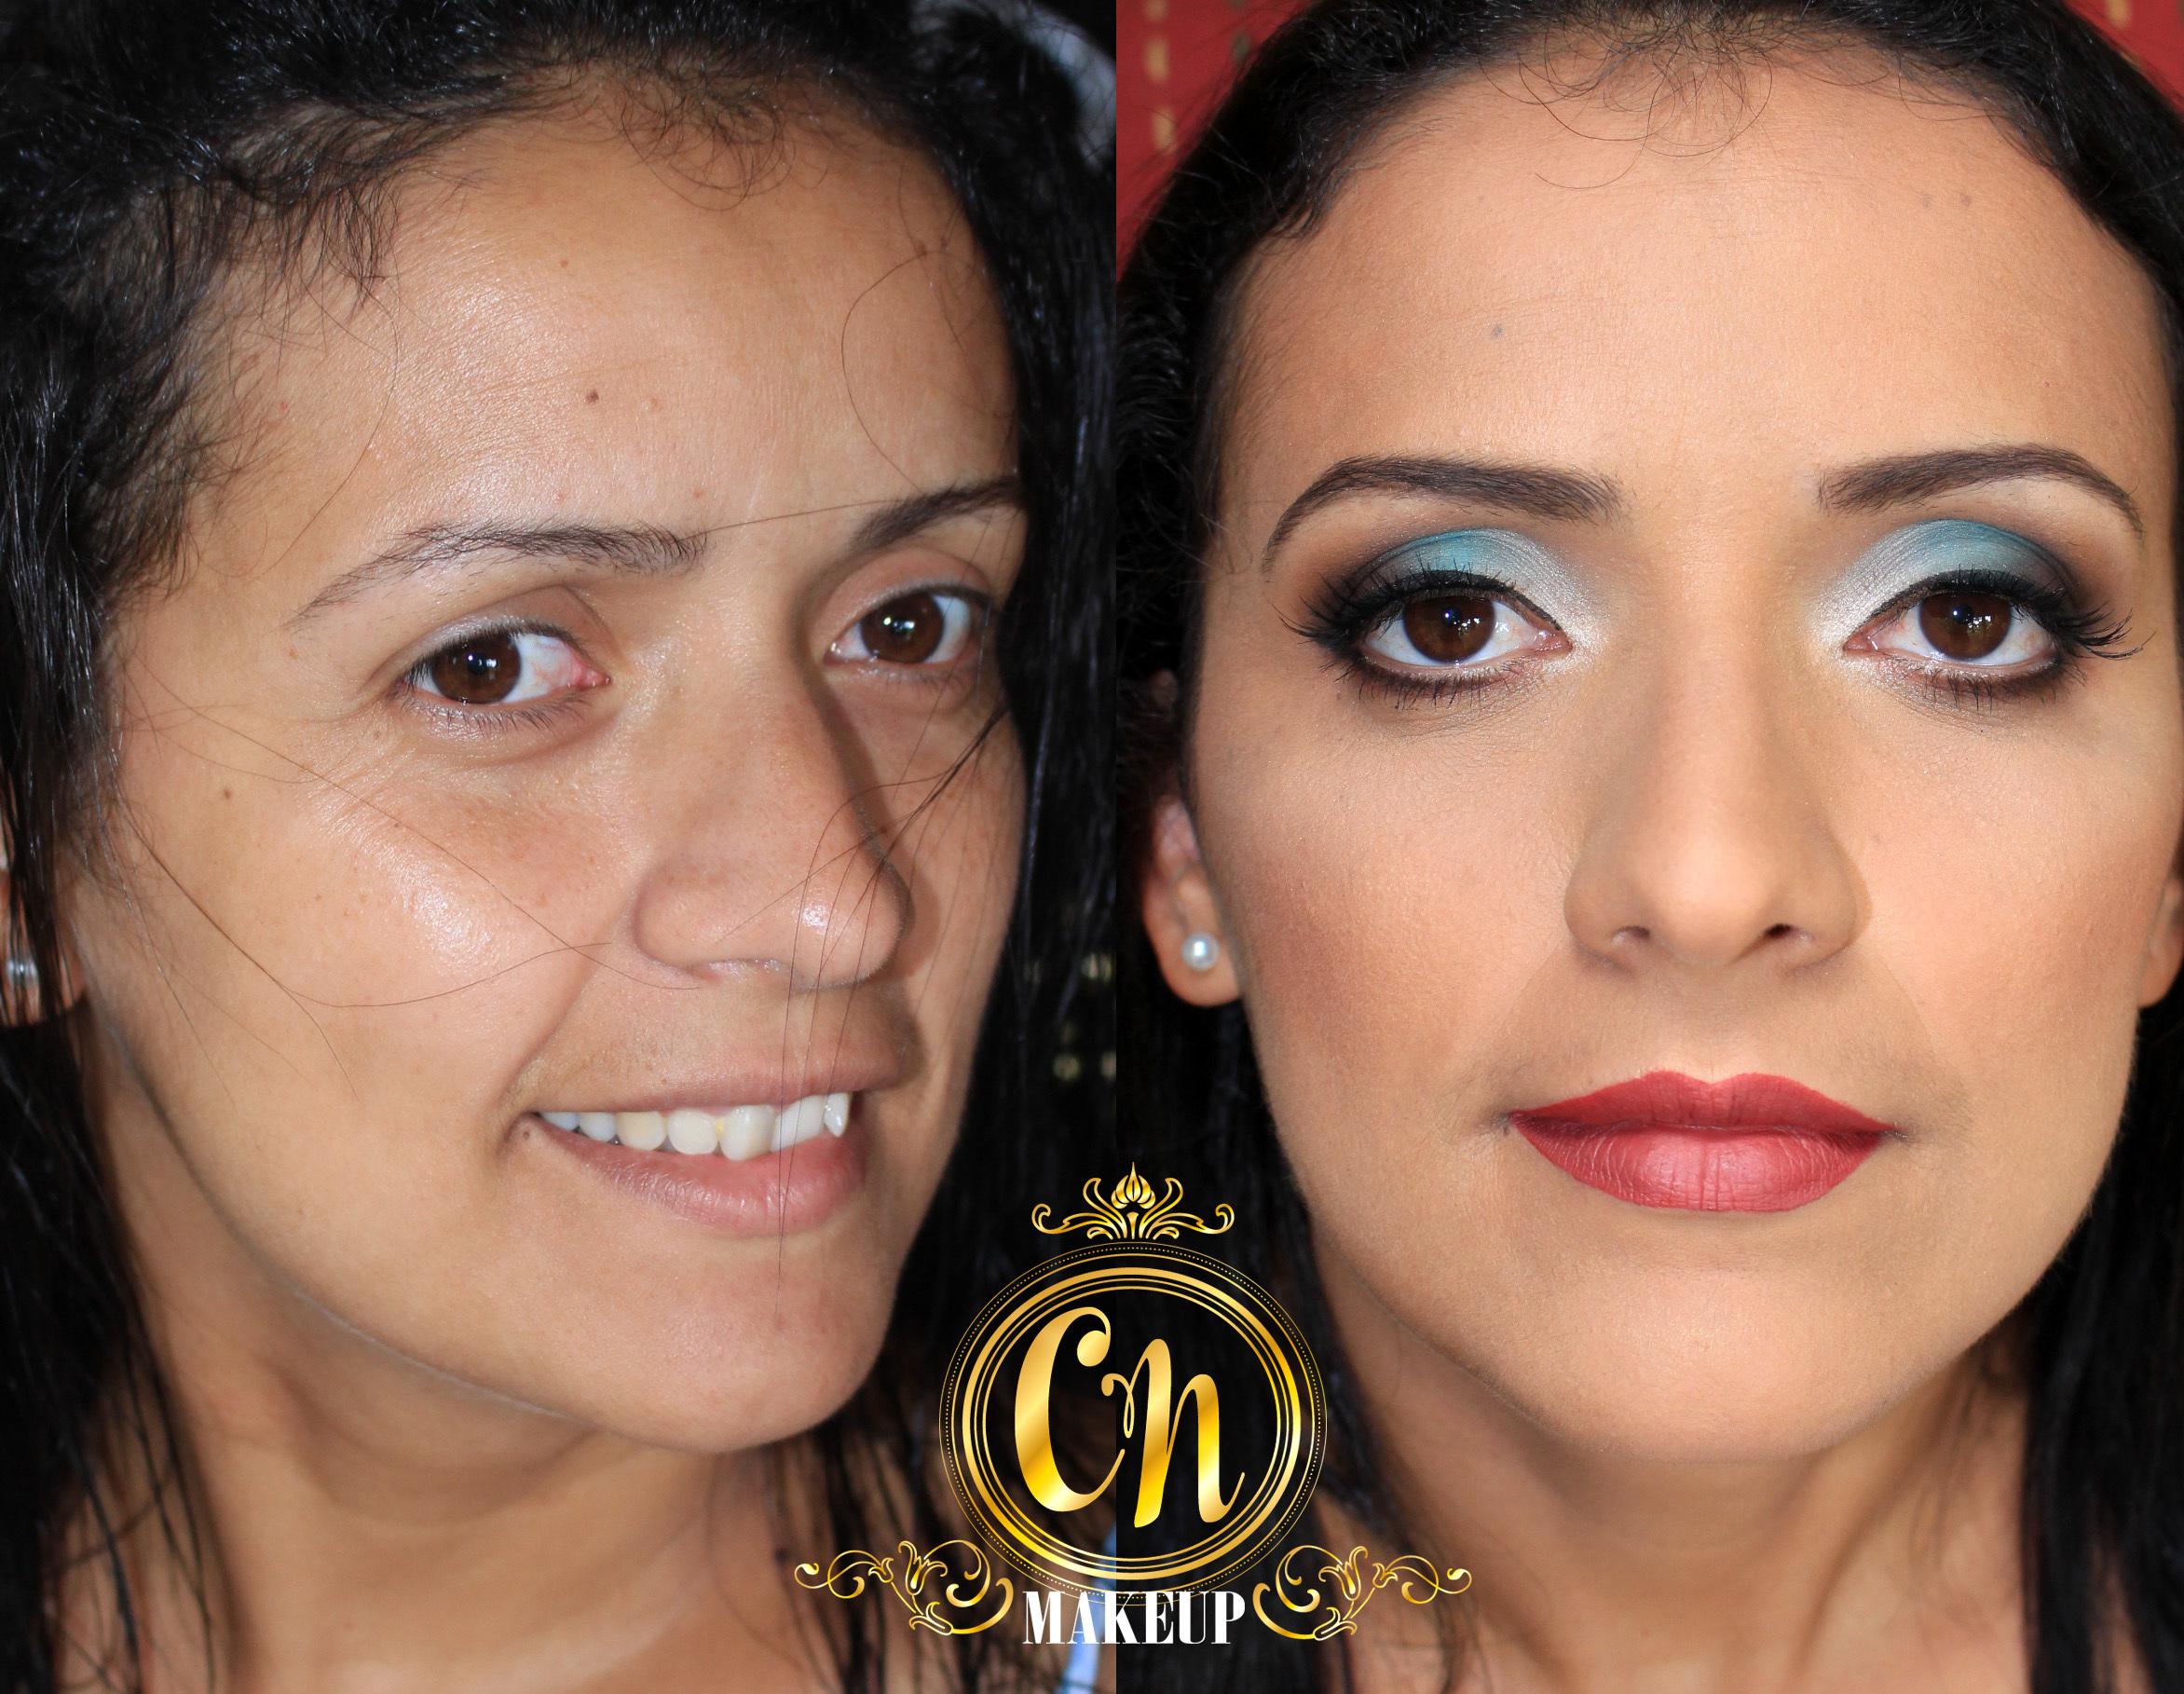 Antes e depois, maquiagem com cor para a linda madrinha! . #maquiagem #maquiagempro #maquiagemubatuba #maquiagemcasamento  #antesedepois #producao #madrinha #maquiagemmadrinha #maquiadoraubatuba #portfolio #mua #makeuptransformation  maquiagem maquiador(a)